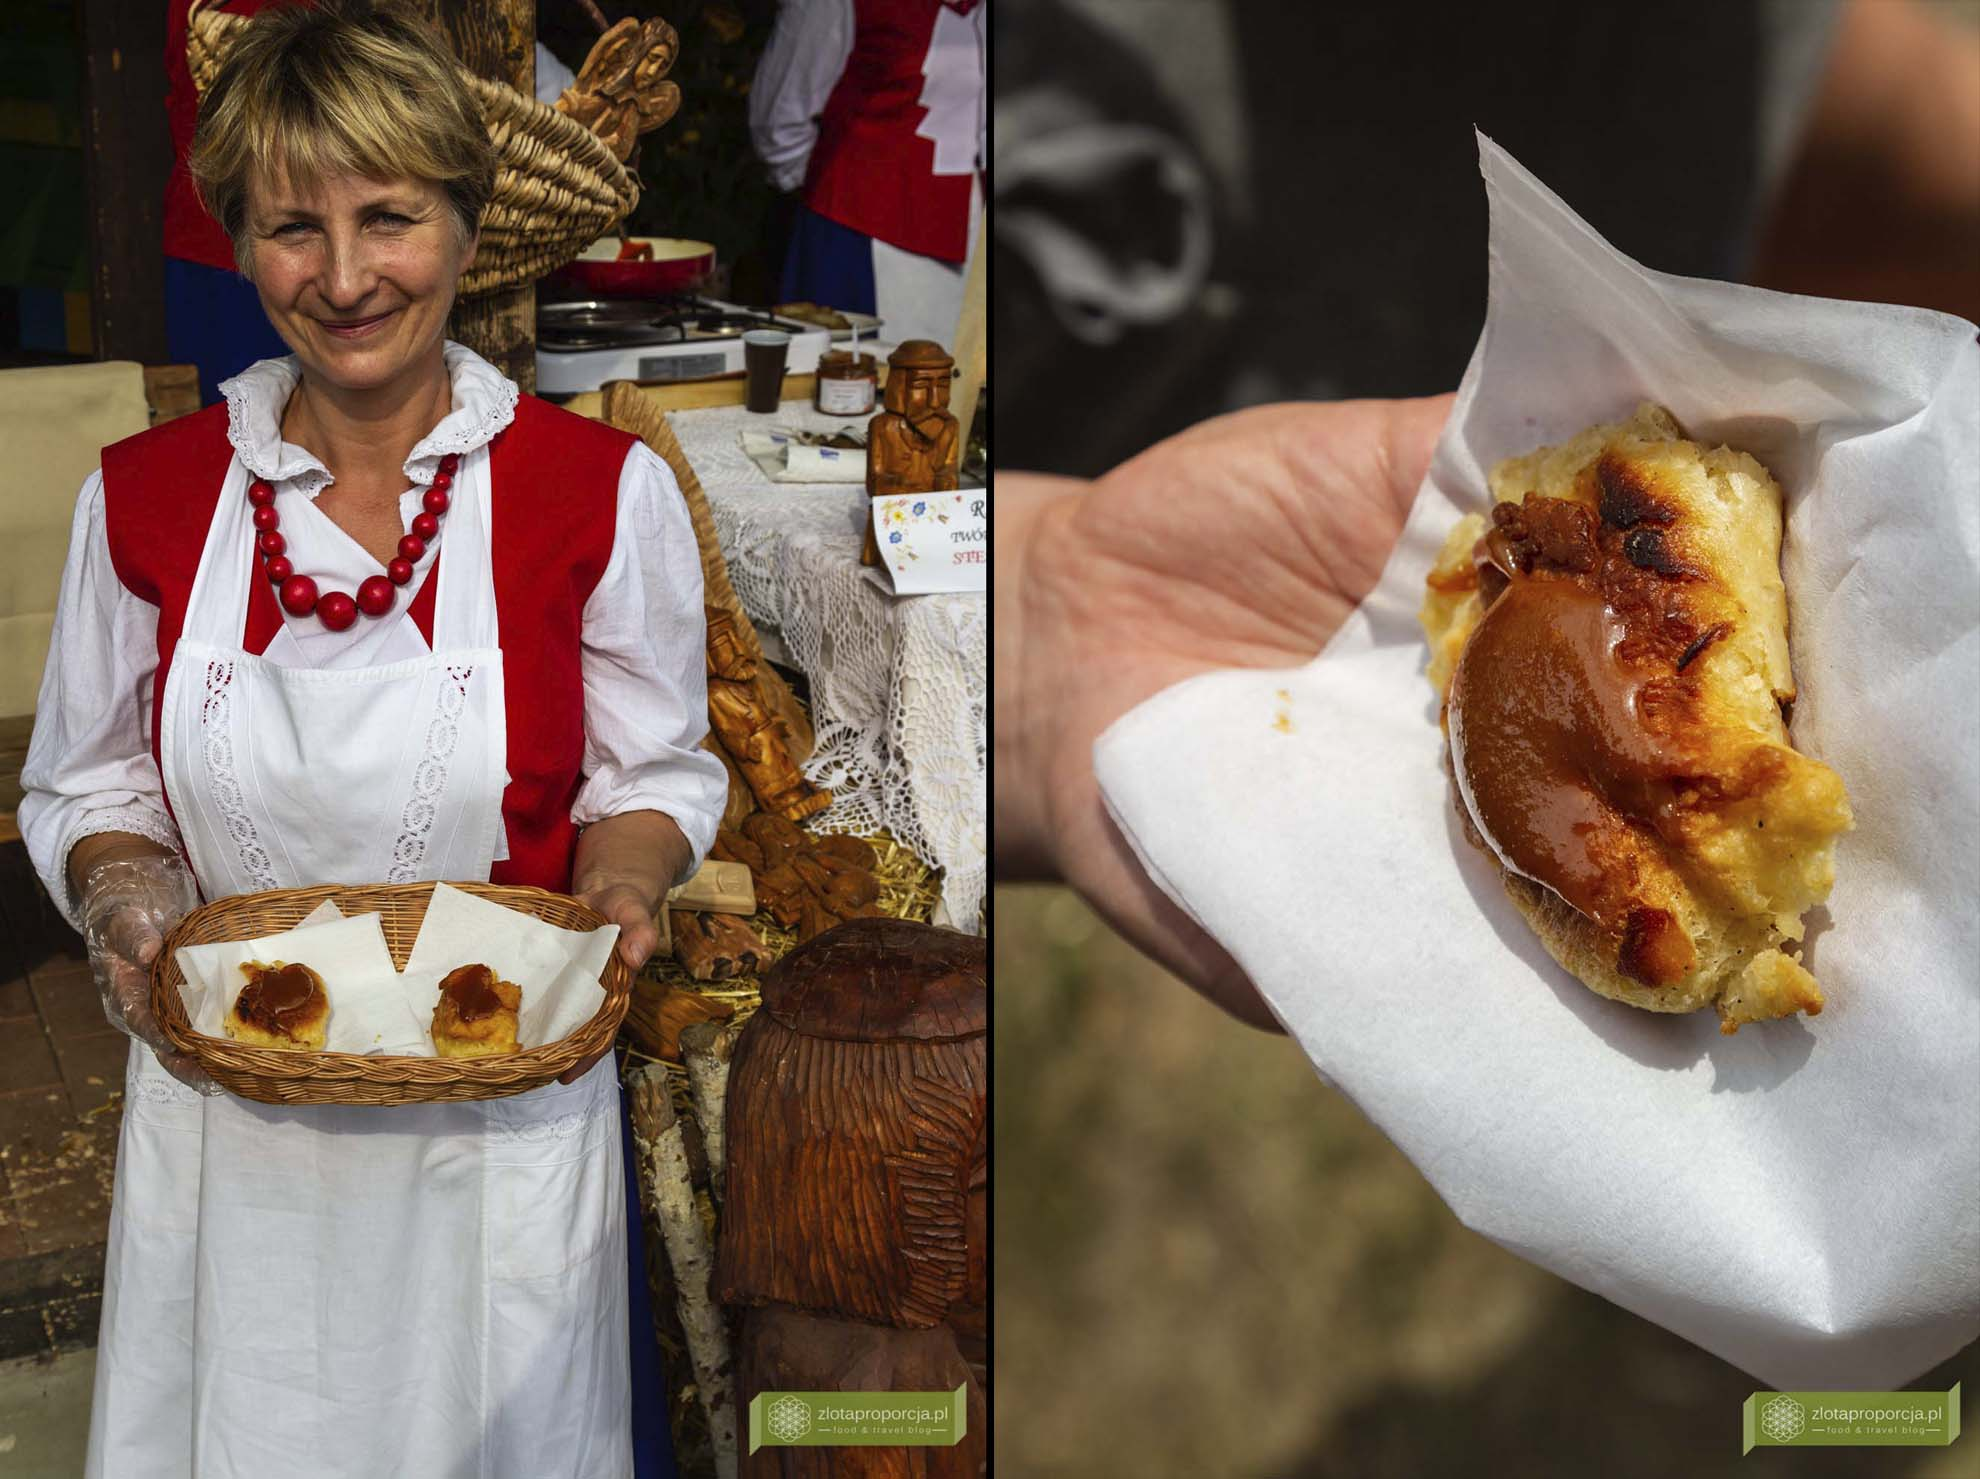 Kociewie; atrakcje Kociewia; kuchnia Kociewia; ruchanki; ruchanki z fjutem; potrawy Kociewia; Gruczno, festiwal Gruczno